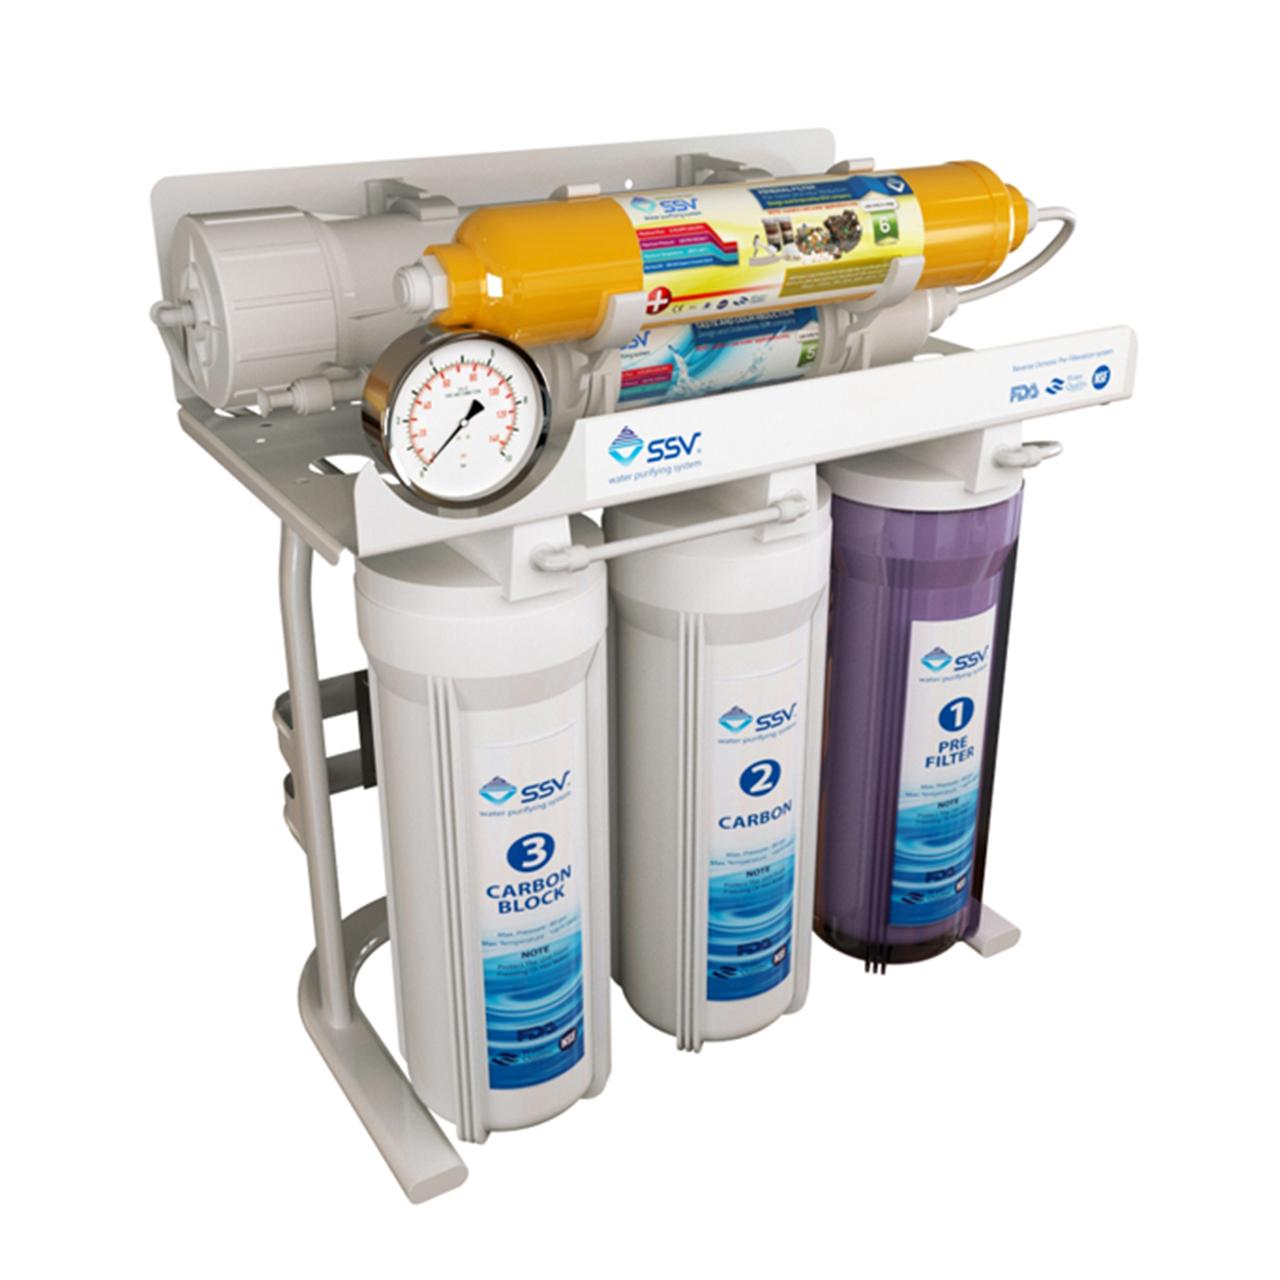 دستگاه تصفیه کننده آب اس اس وی مدل maxtec X600 به همراه فیلتر مجموعه 3 عددی و شارژر یدک مجموعه 2 عددی